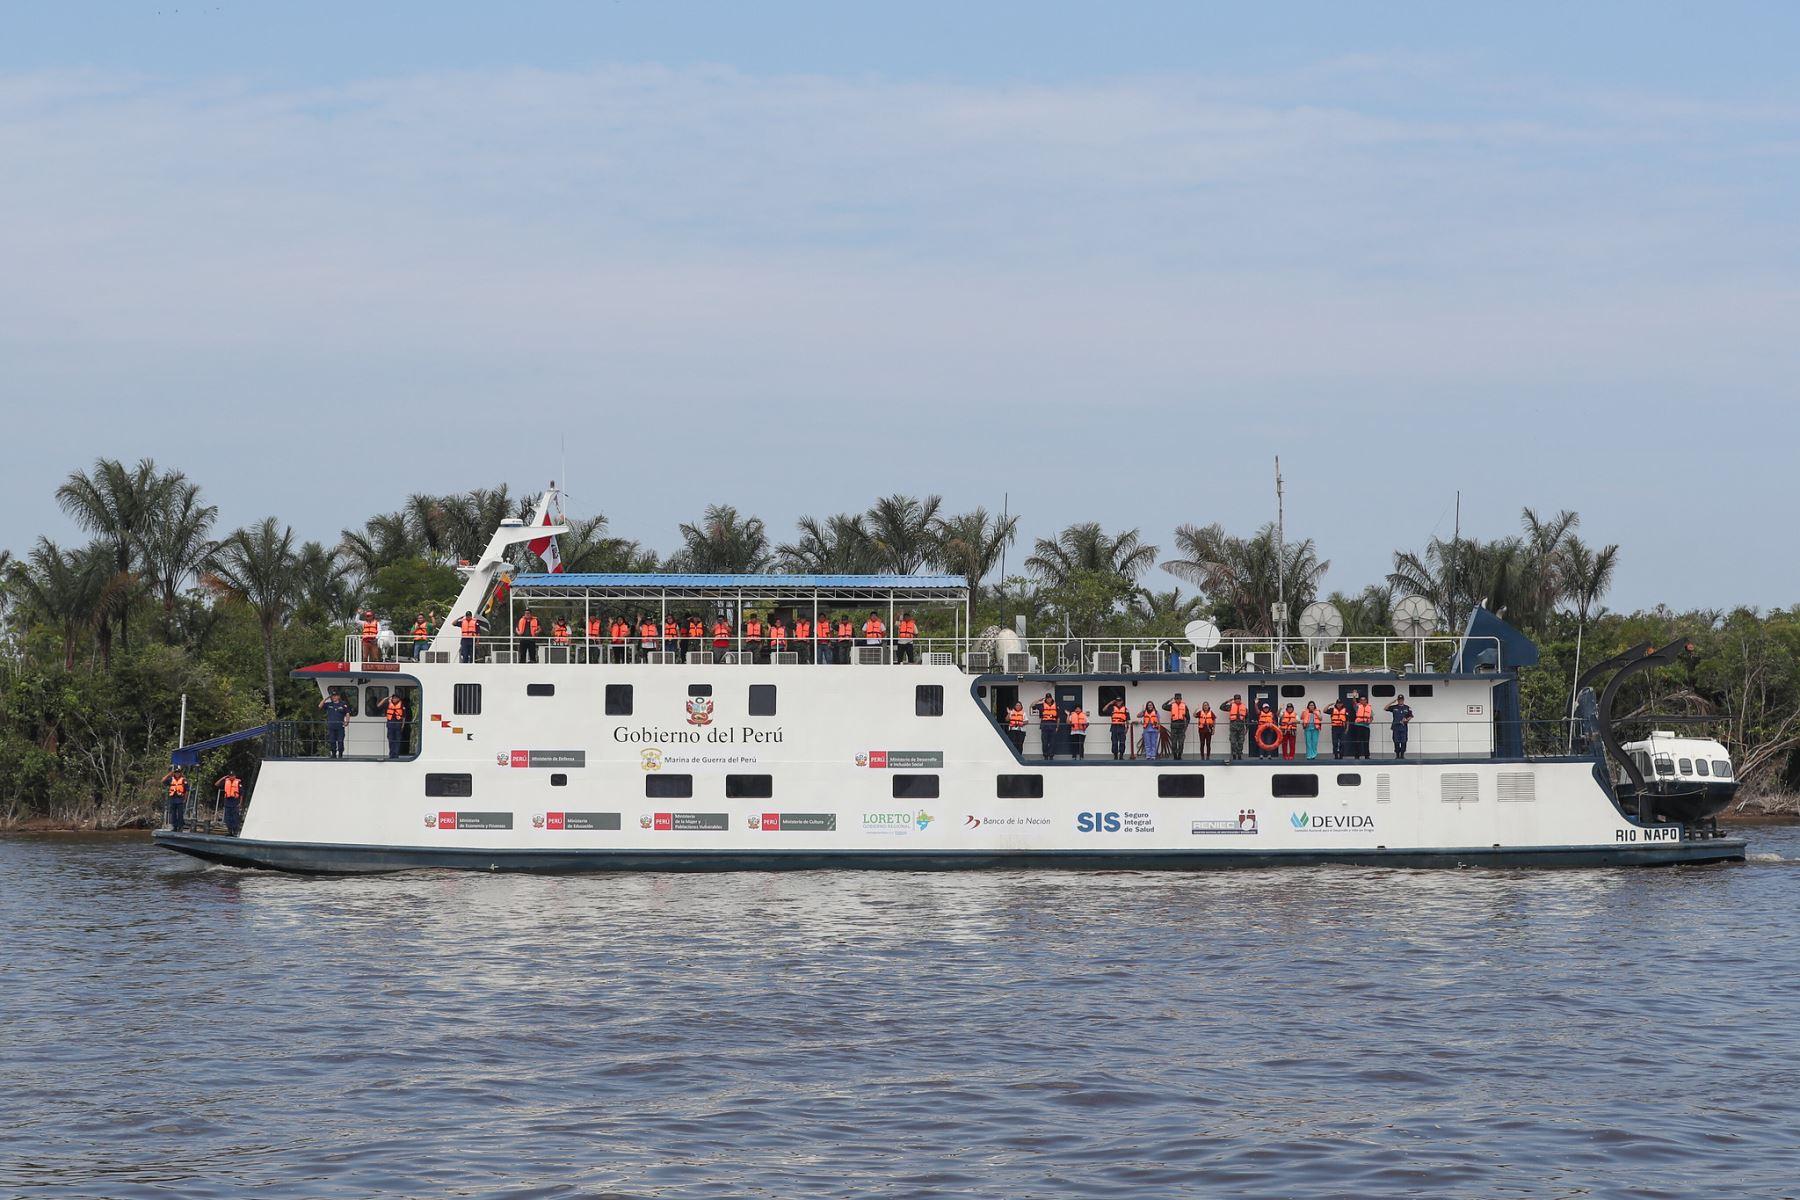 La PIAS Yavarí que se viene construyendo, debe entrar en funcionamiento – de acuerdo a lo informado por personal de la Marina de Guerra, entidad encargada de su construcción- el 28 de julio del 2020, con una inversión aproximada de 28 millones de soles.ANDINA/Difusión